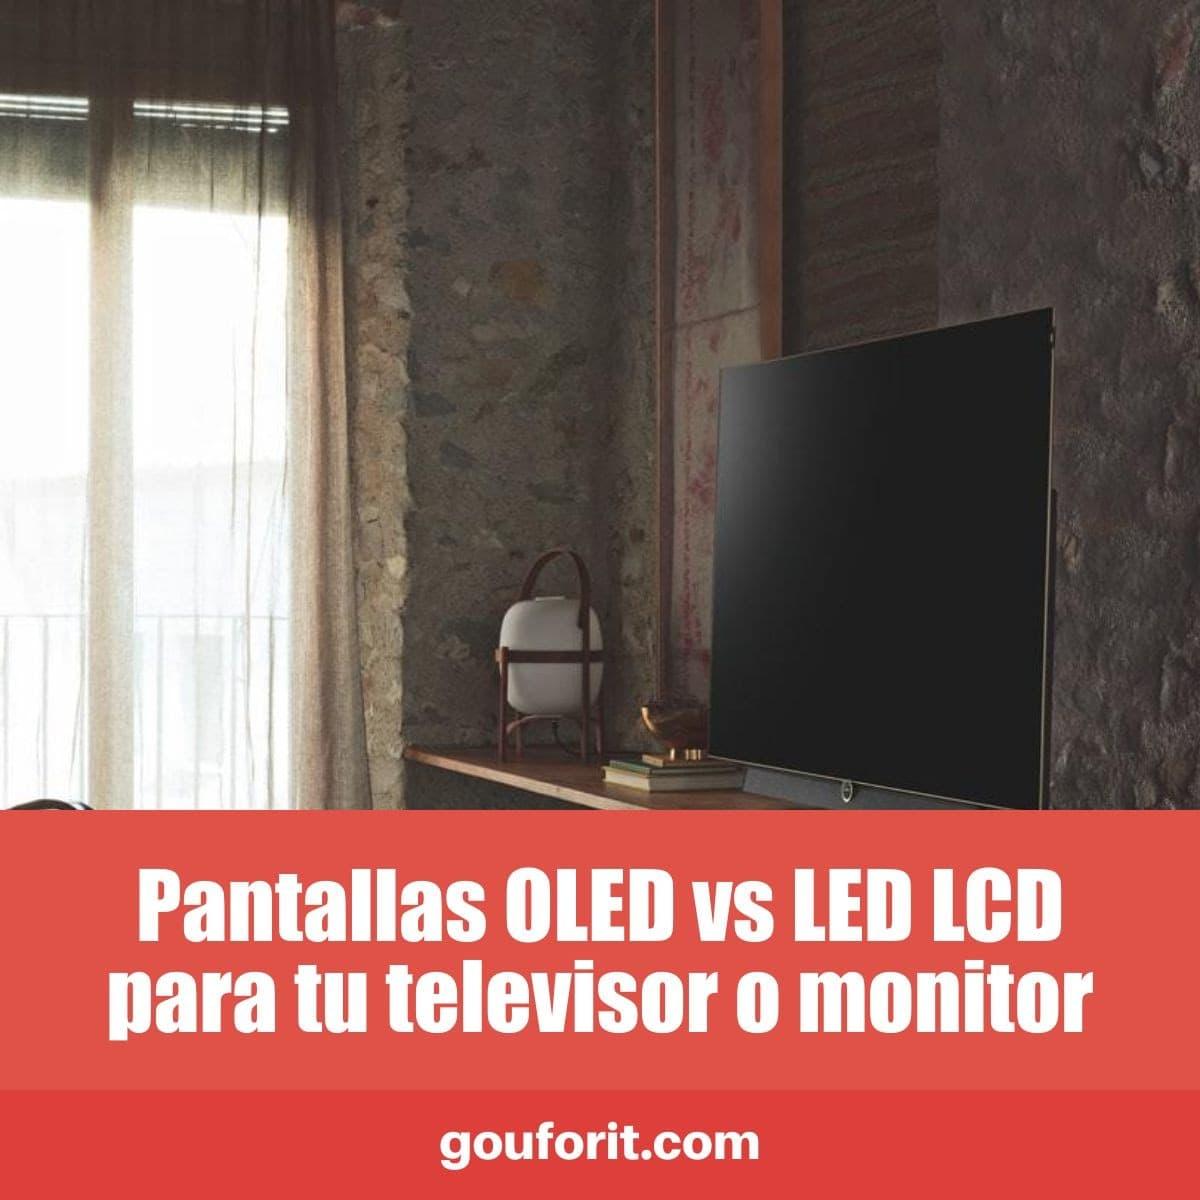 Pantallas OLED vs LED LCD para tu televisor o monitor